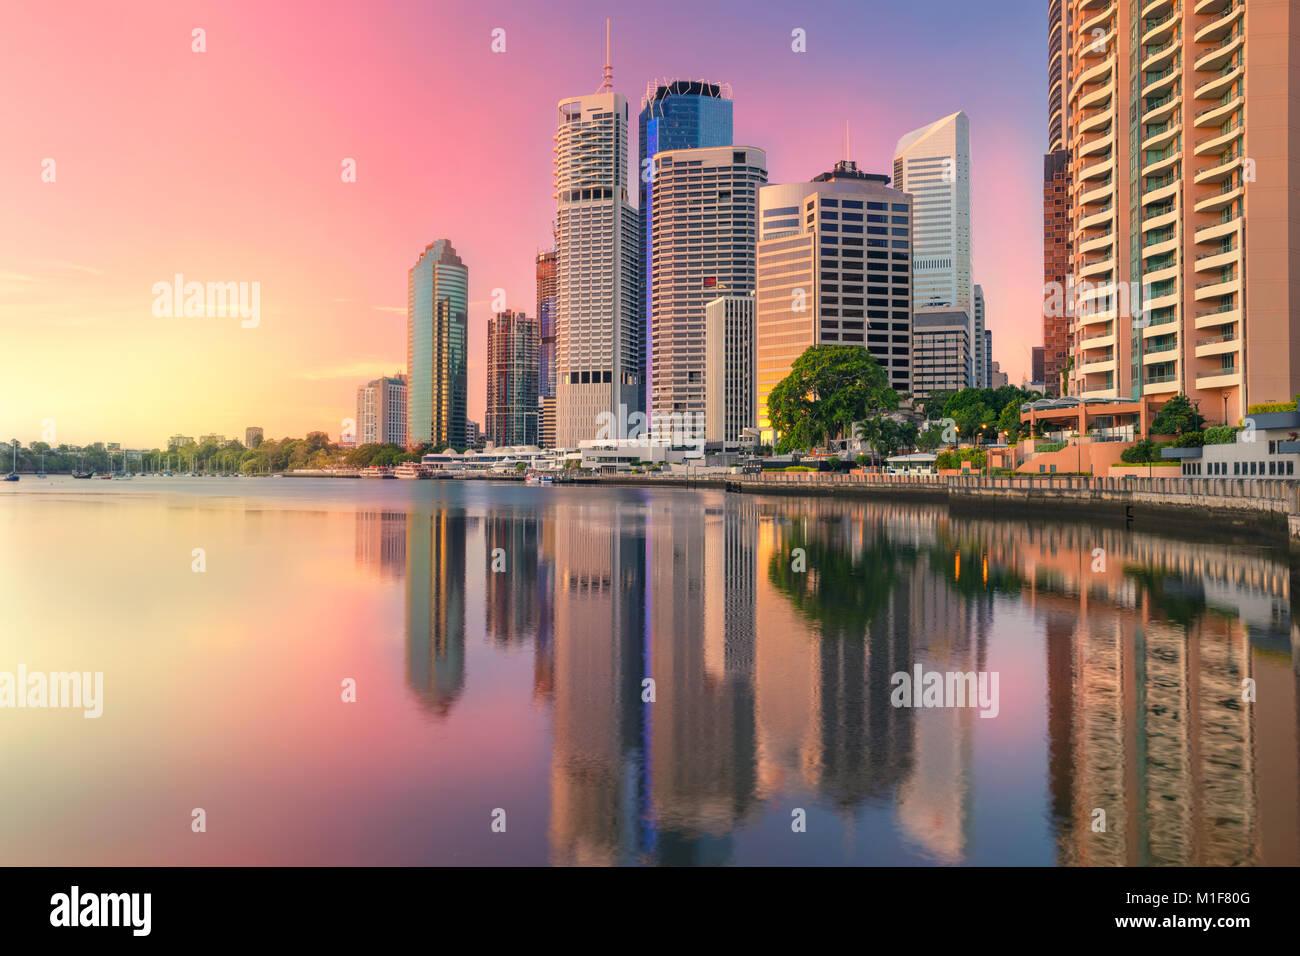 Brisbane. Cityscape image de Brisbane, Australie skyline pendant le lever du soleil. Banque D'Images